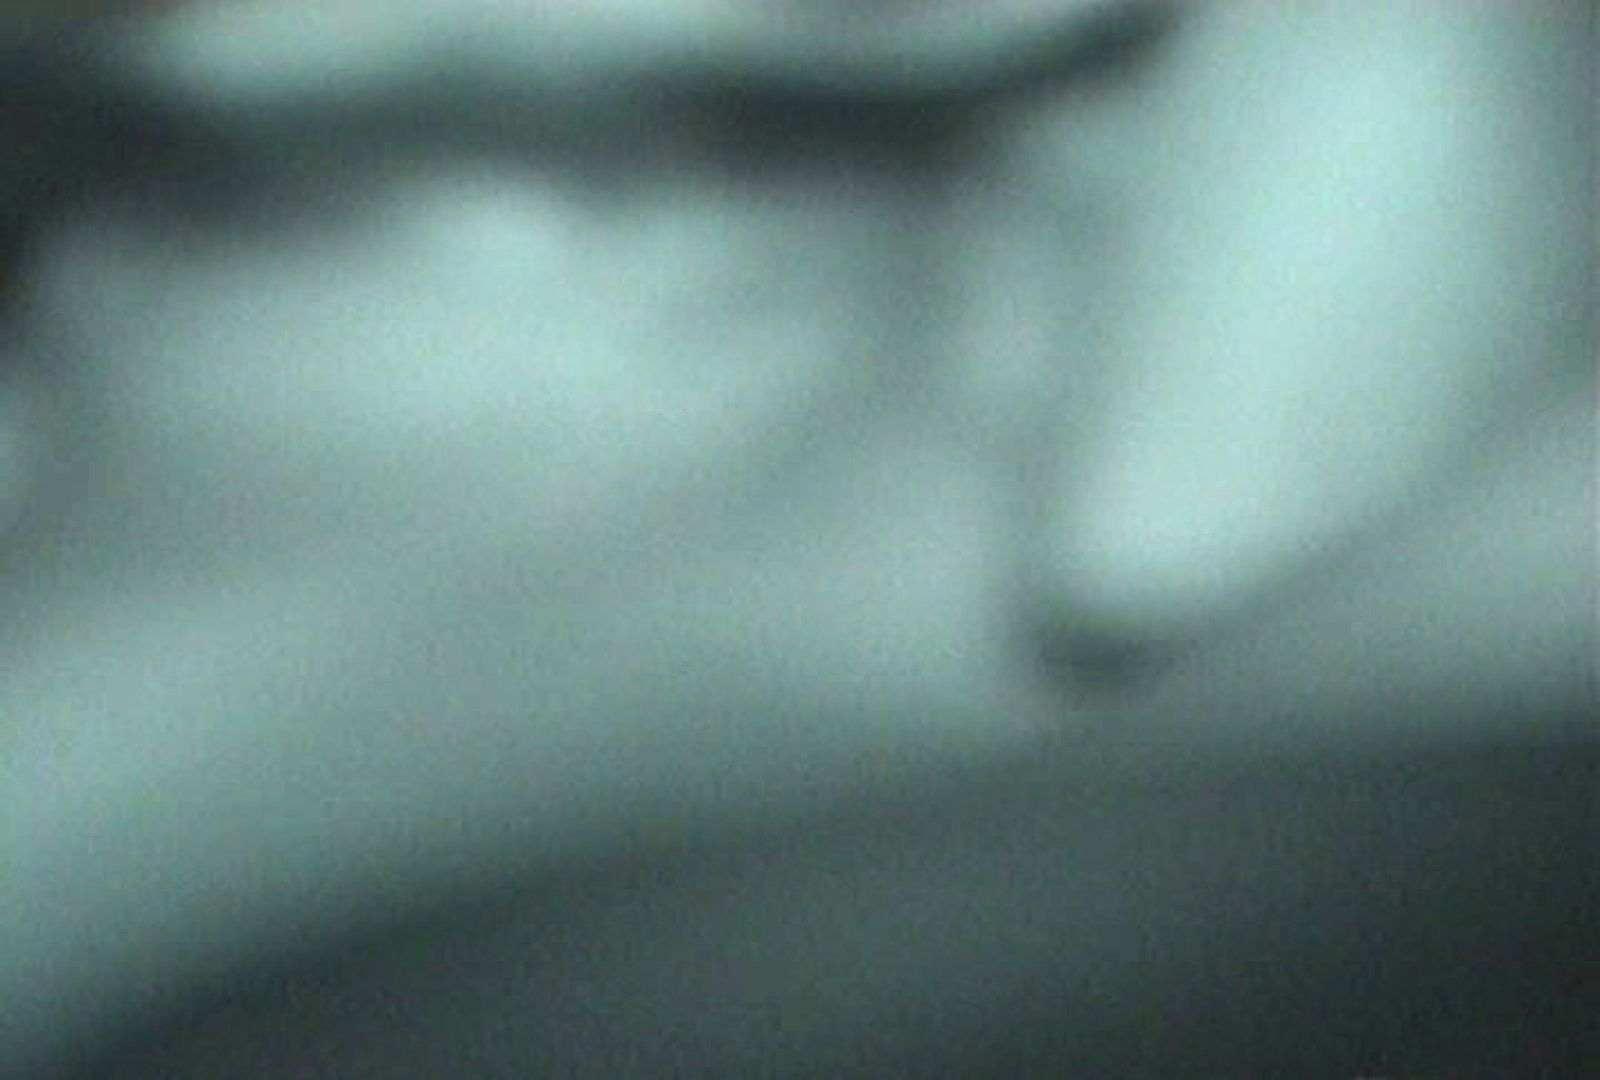 充血監督の深夜の運動会Vol.45 カーセックス AV動画キャプチャ 101画像 96